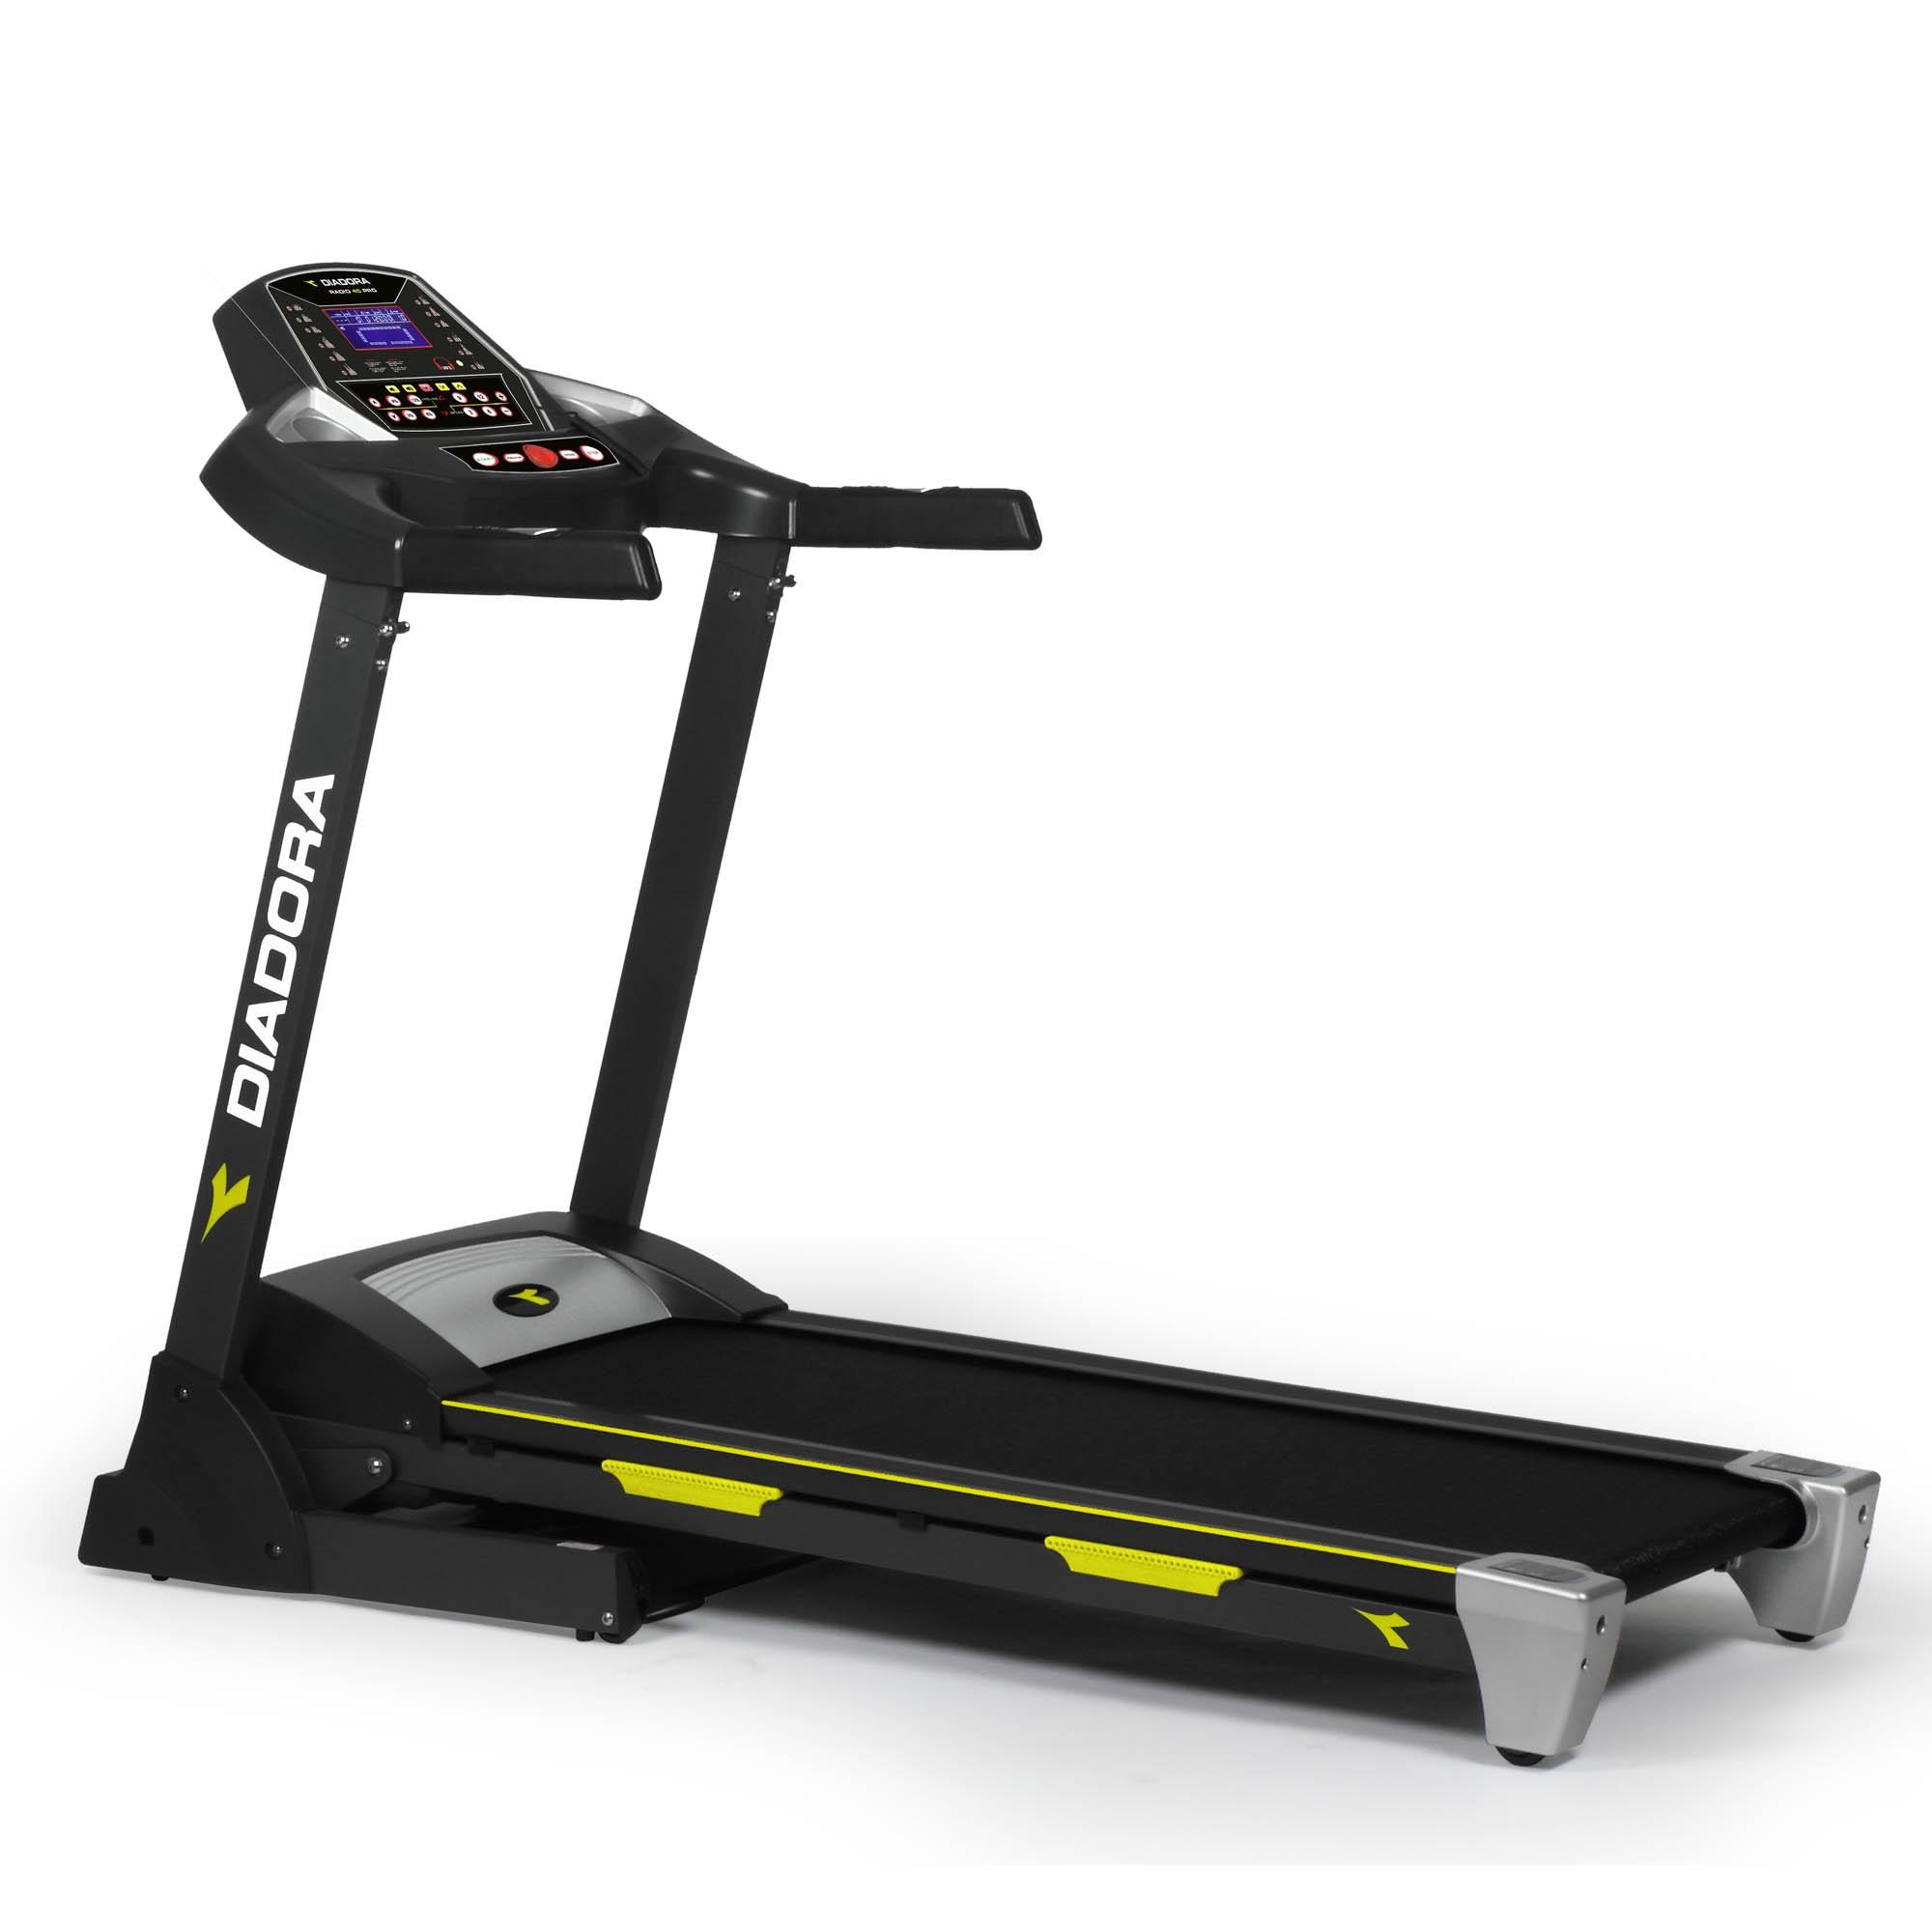 65e421909d160 Tapis roulant Radio 45 Pro - Diadora Fitness